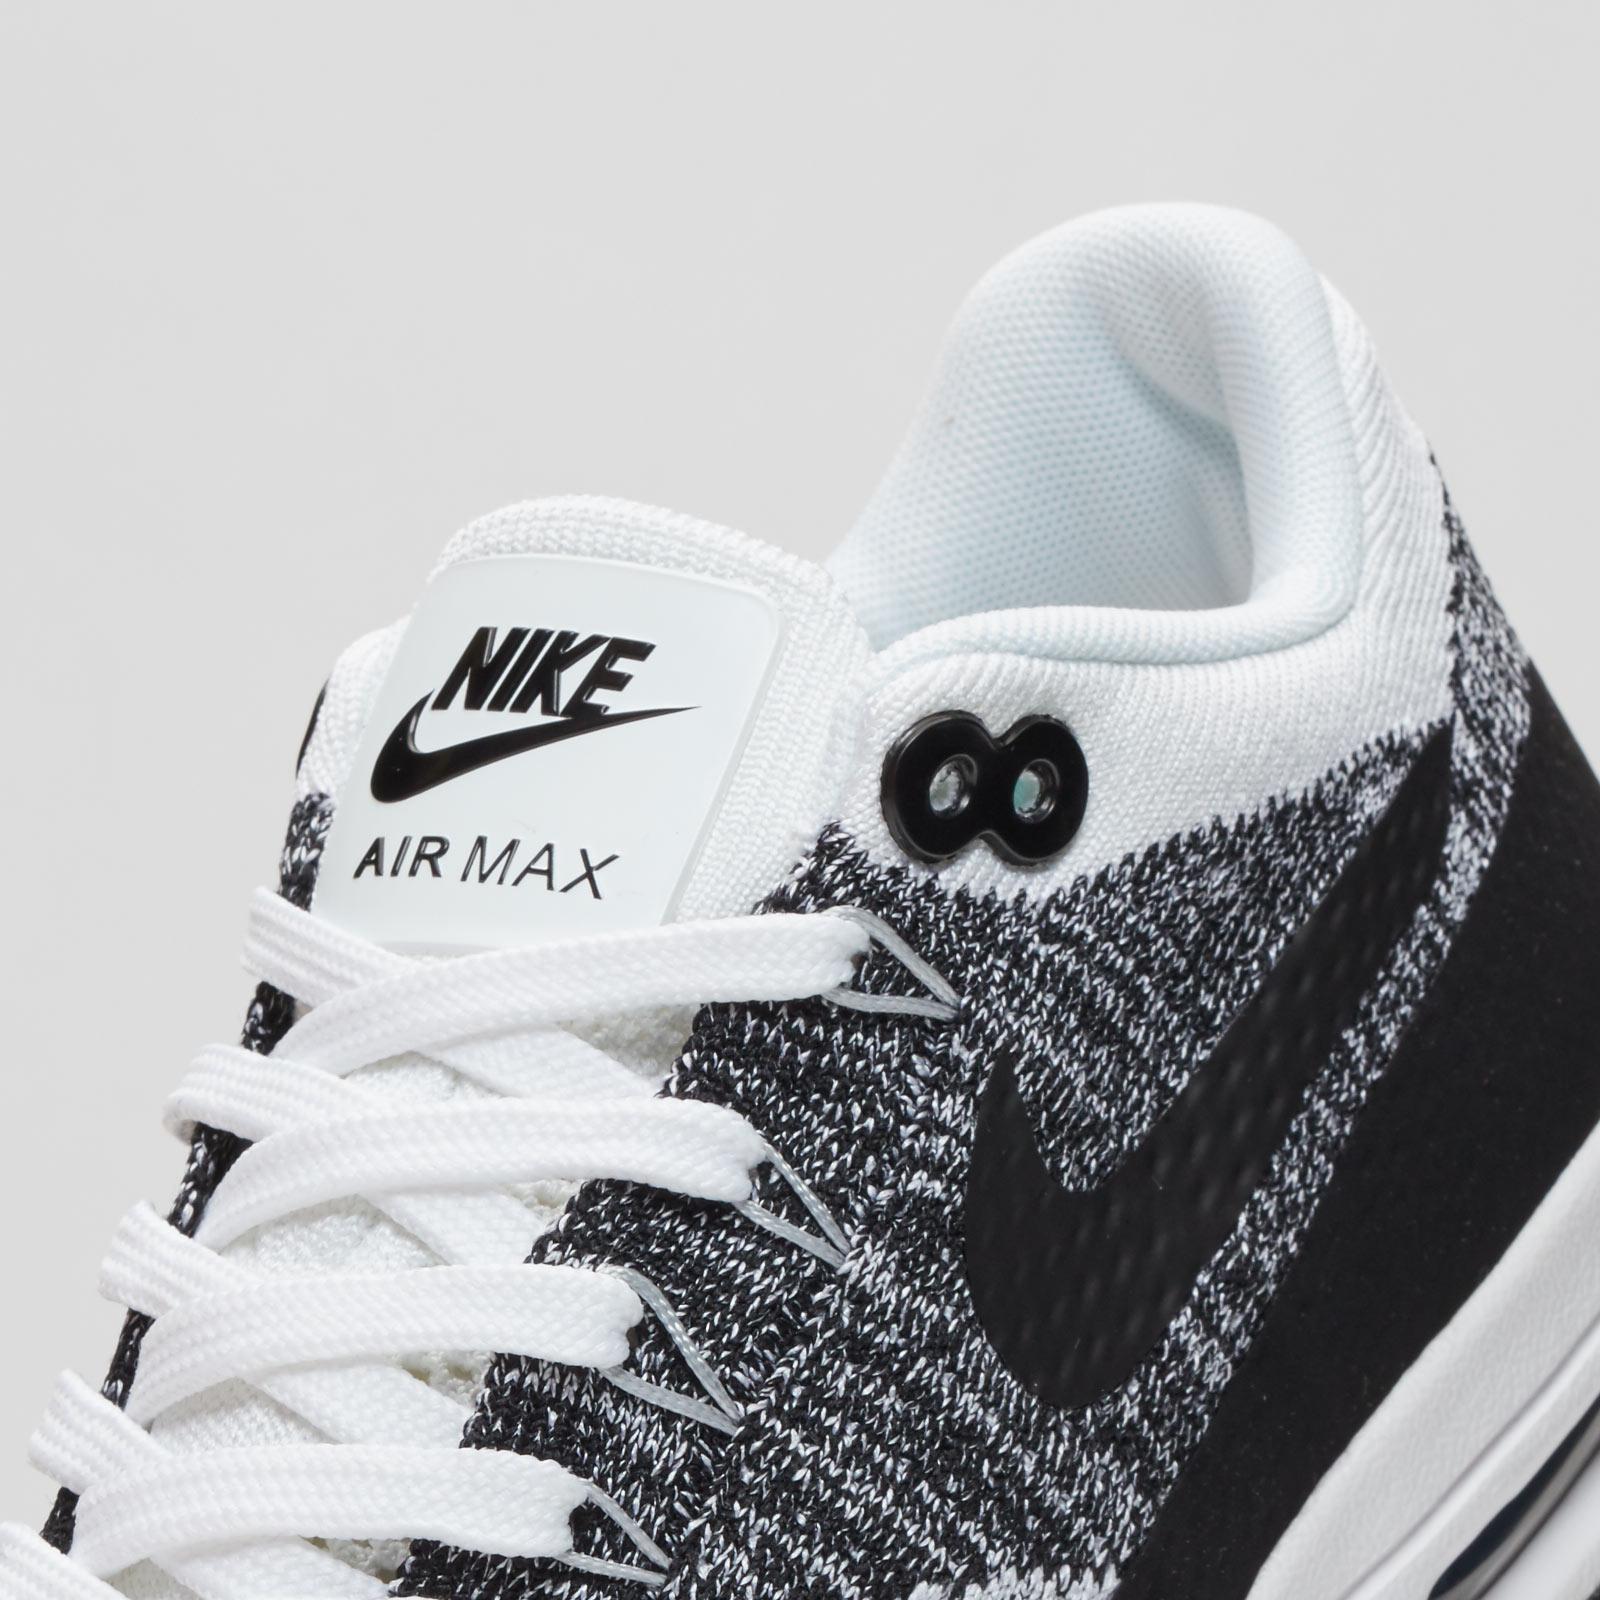 293887a18f95 Nike W Air Max 1 Ultra Flyknit - 843387-100 - Sneakersnstuff ...